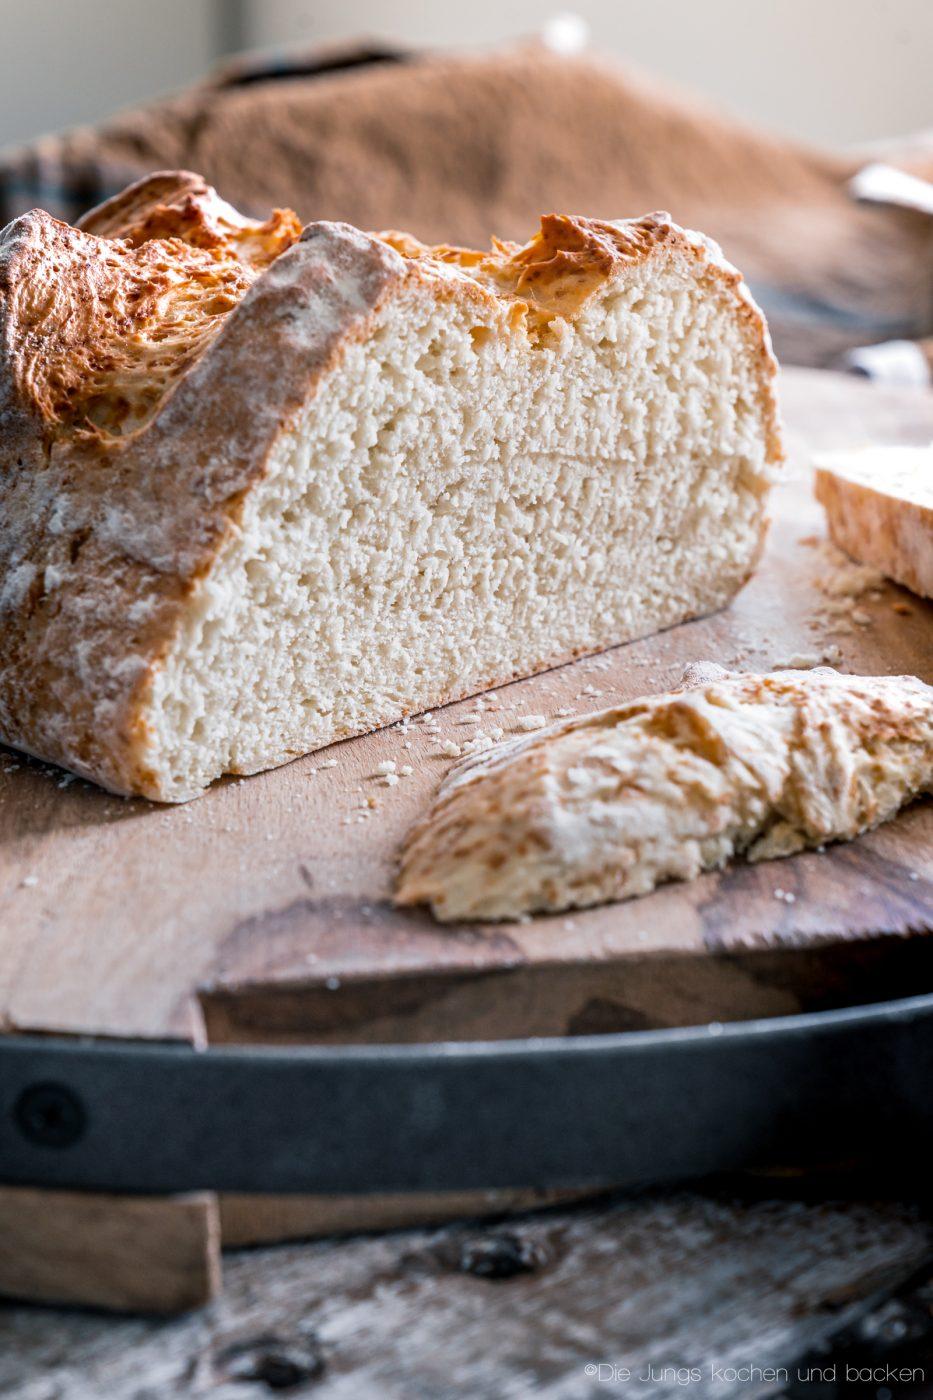 schnelles Quarkbrot ohne Hefe 5 | Brot zu backen, ist eine unserer liebsten Dinge!! Brot ist so vielfältig, unfassbar lecker und vom Duft beim Backen, fangen wir gar nicht erst an. Jetzt ist ein Brot nicht immer schnell gemacht, aber das muss nicht sein. Wenn es mal flott gehen soll, keine Hefe im Haus ist oder es Sonntag ist und alle Geschäfte geschlossen haben?? - Unser schnelles Quarkbrot ist die Lösung!